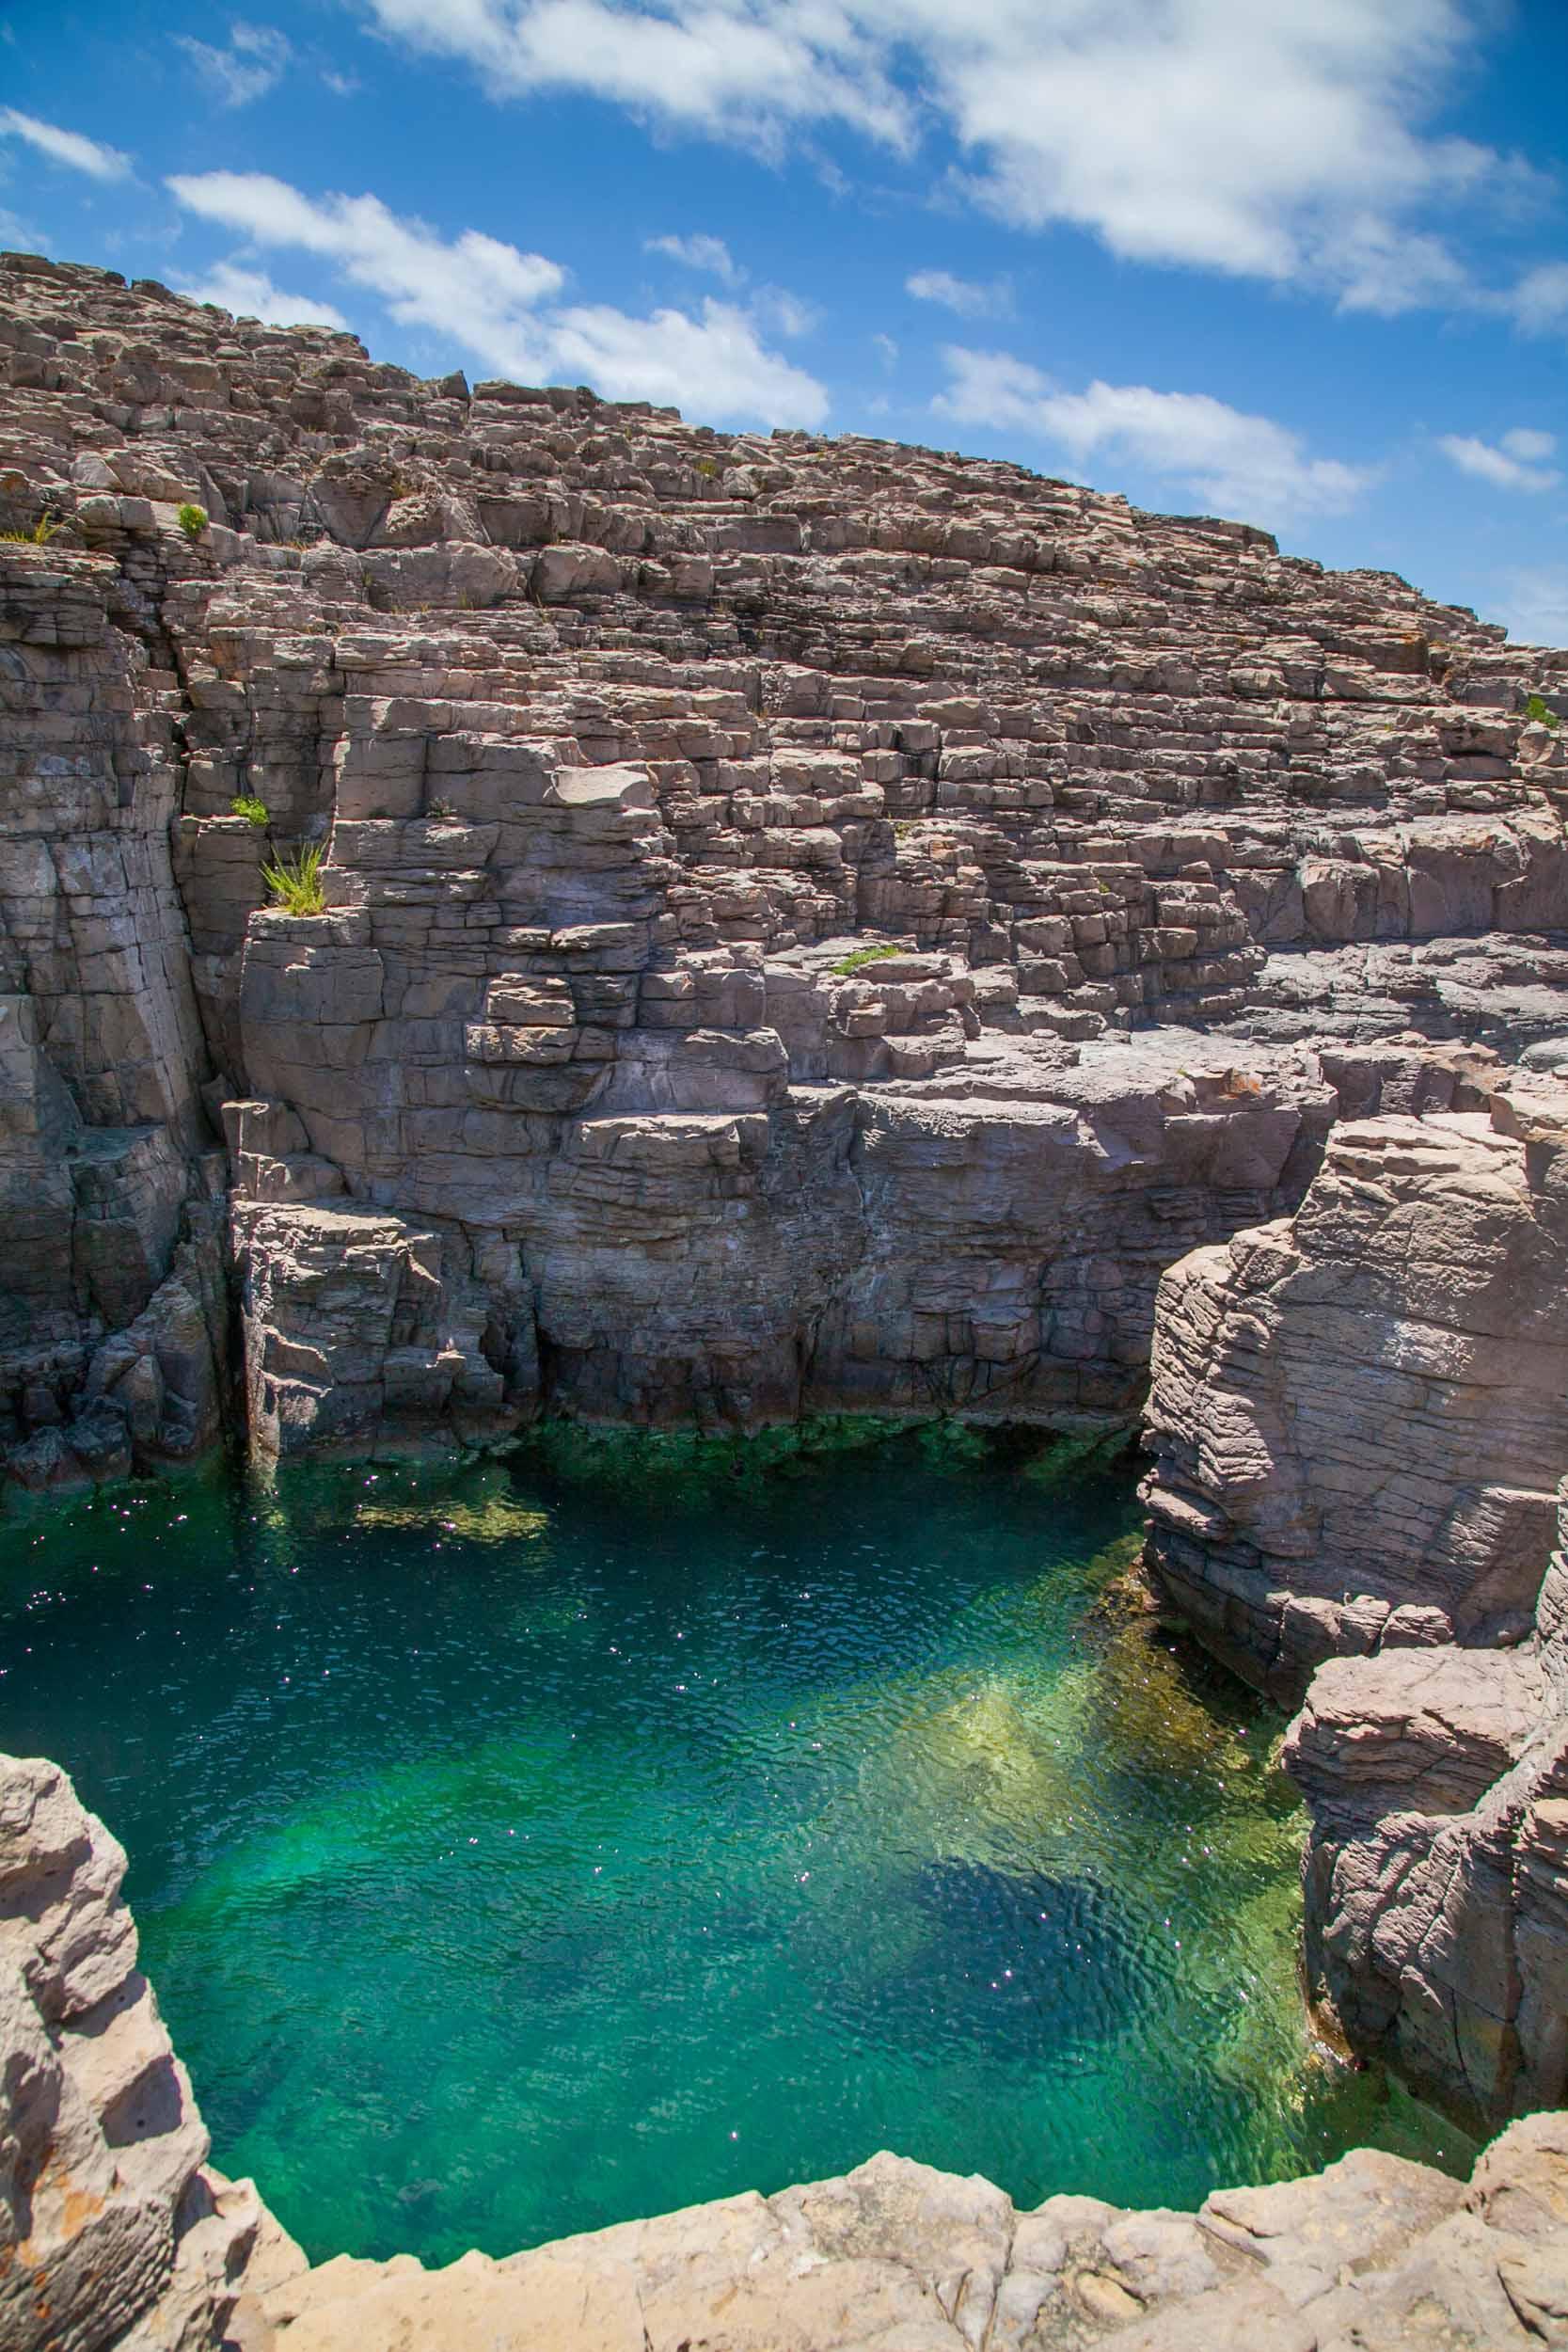 La conca sardegnaturismo sito ufficiale del turismo della regione sardegna - Isola di saona piscine naturali ...